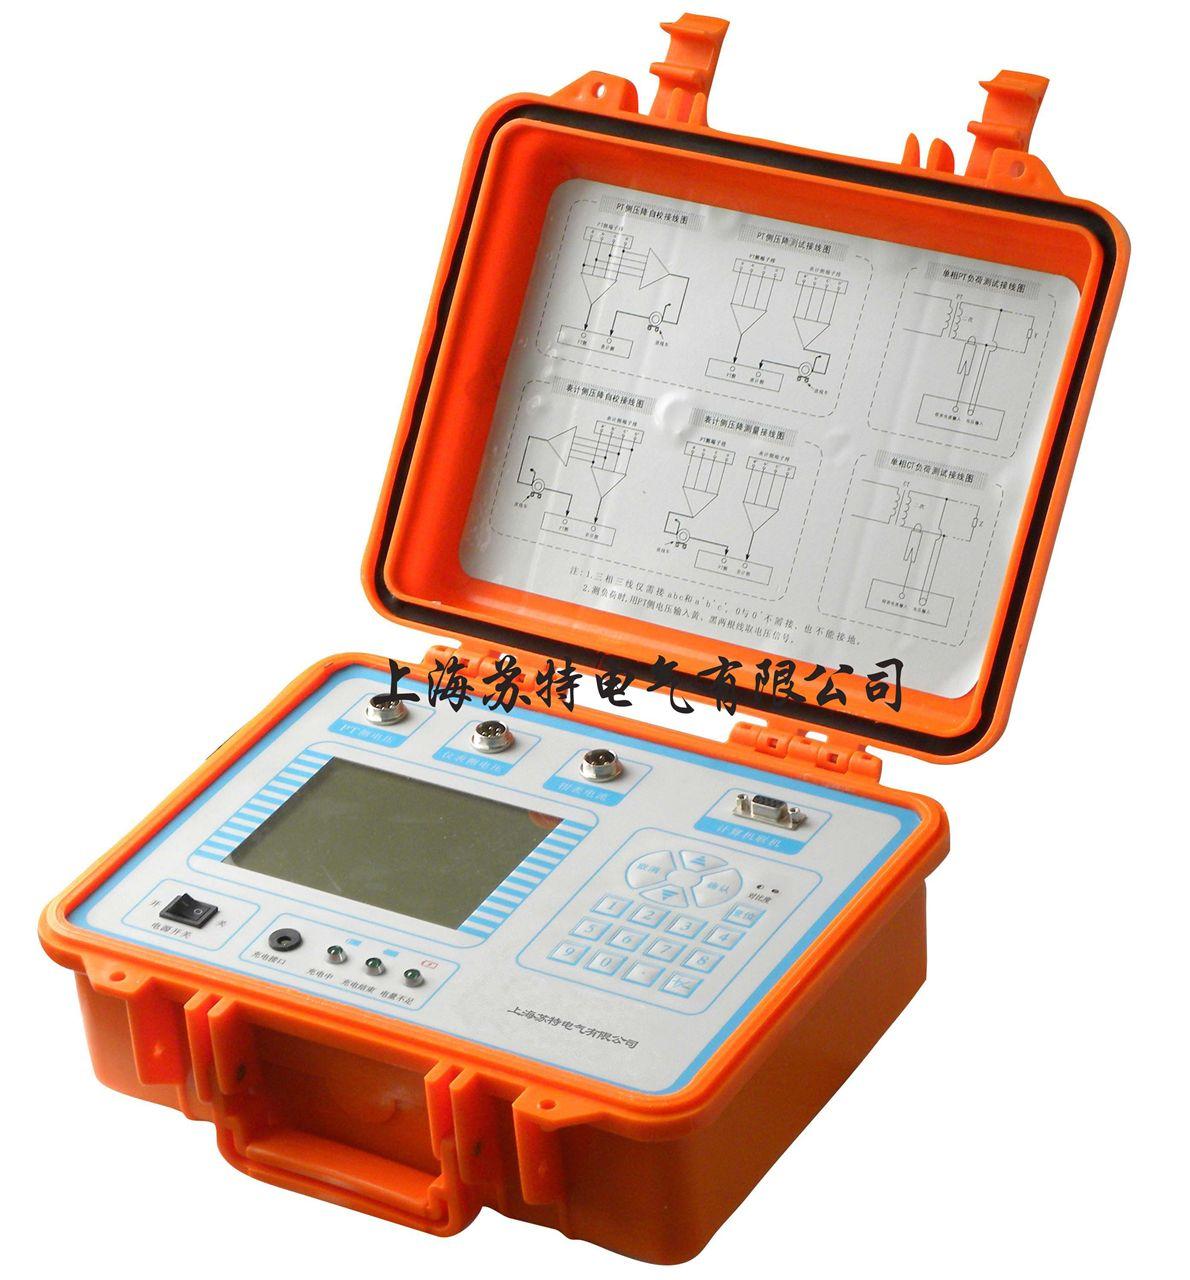 室外的电压互感器离装设于控制室配电盘上的电能表有